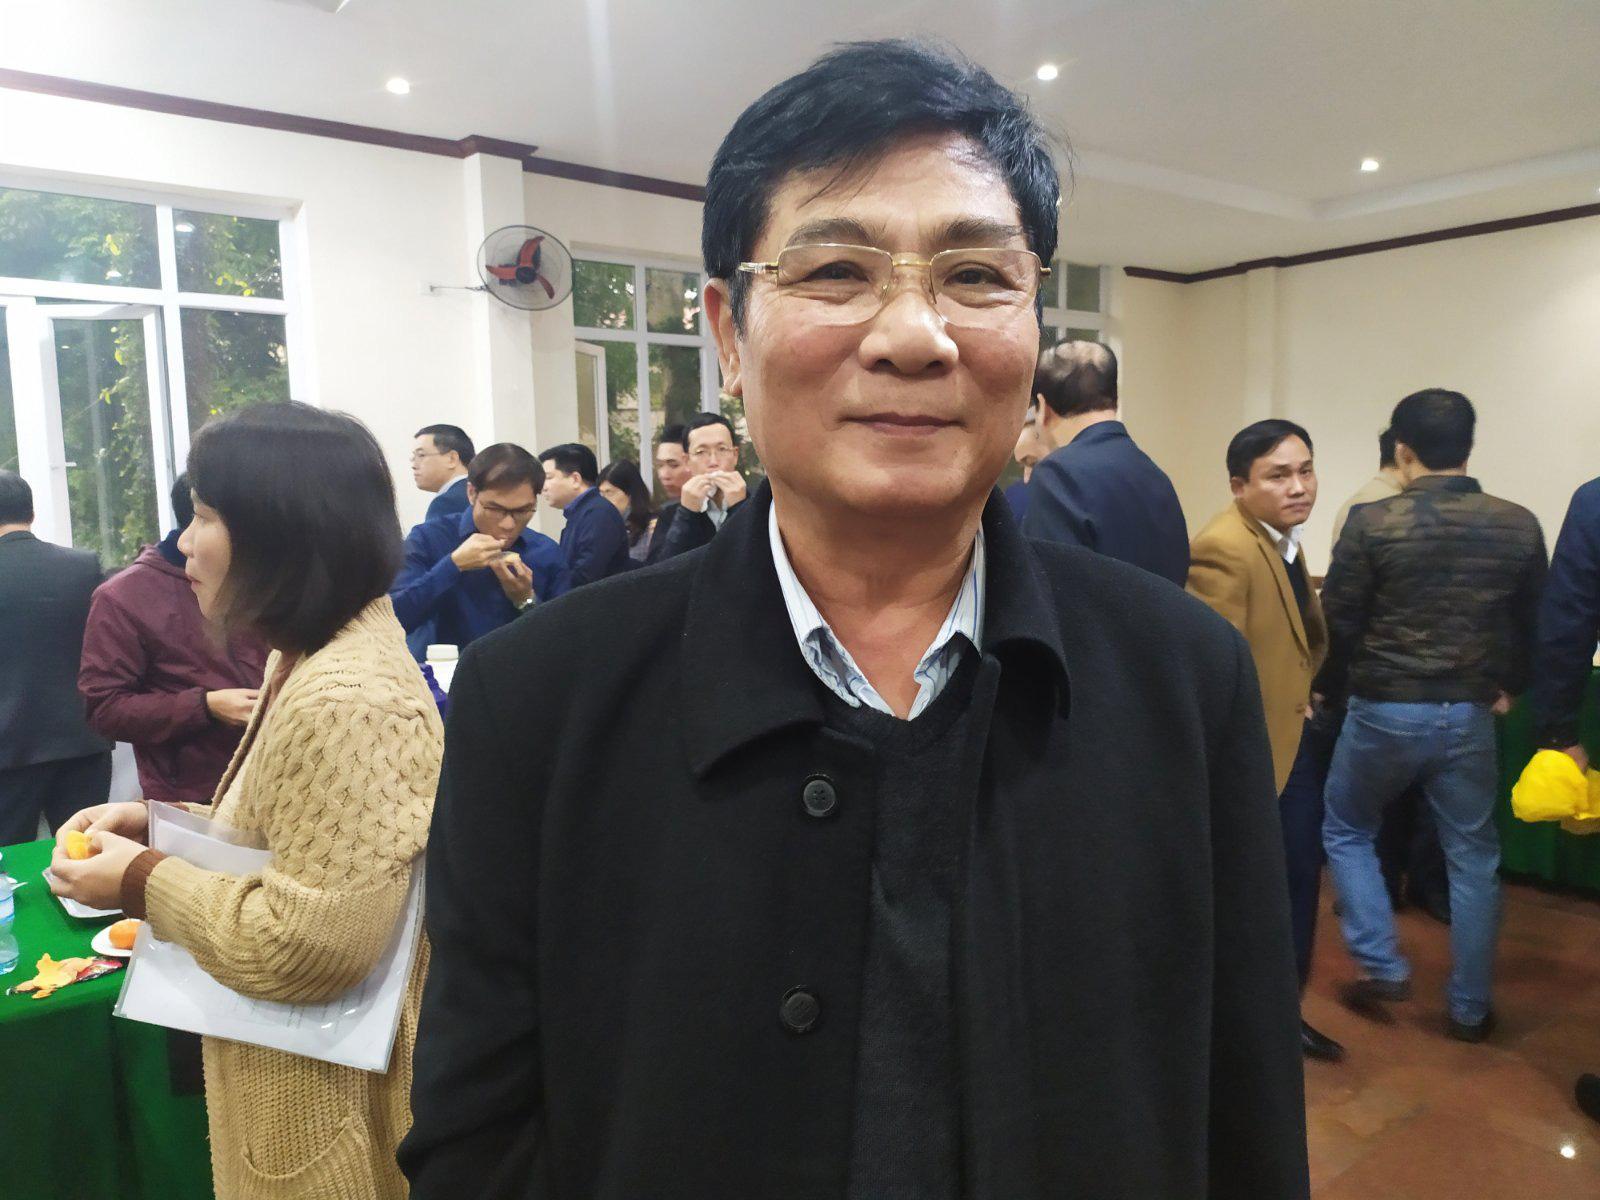 Chủ tịch Hiệp hội Sữa Việt Nam: Xuất khẩu sữa sang Trung Quốc không bị ảnh hưởng bởi dịch bệnh do virus corona - Ảnh 1.